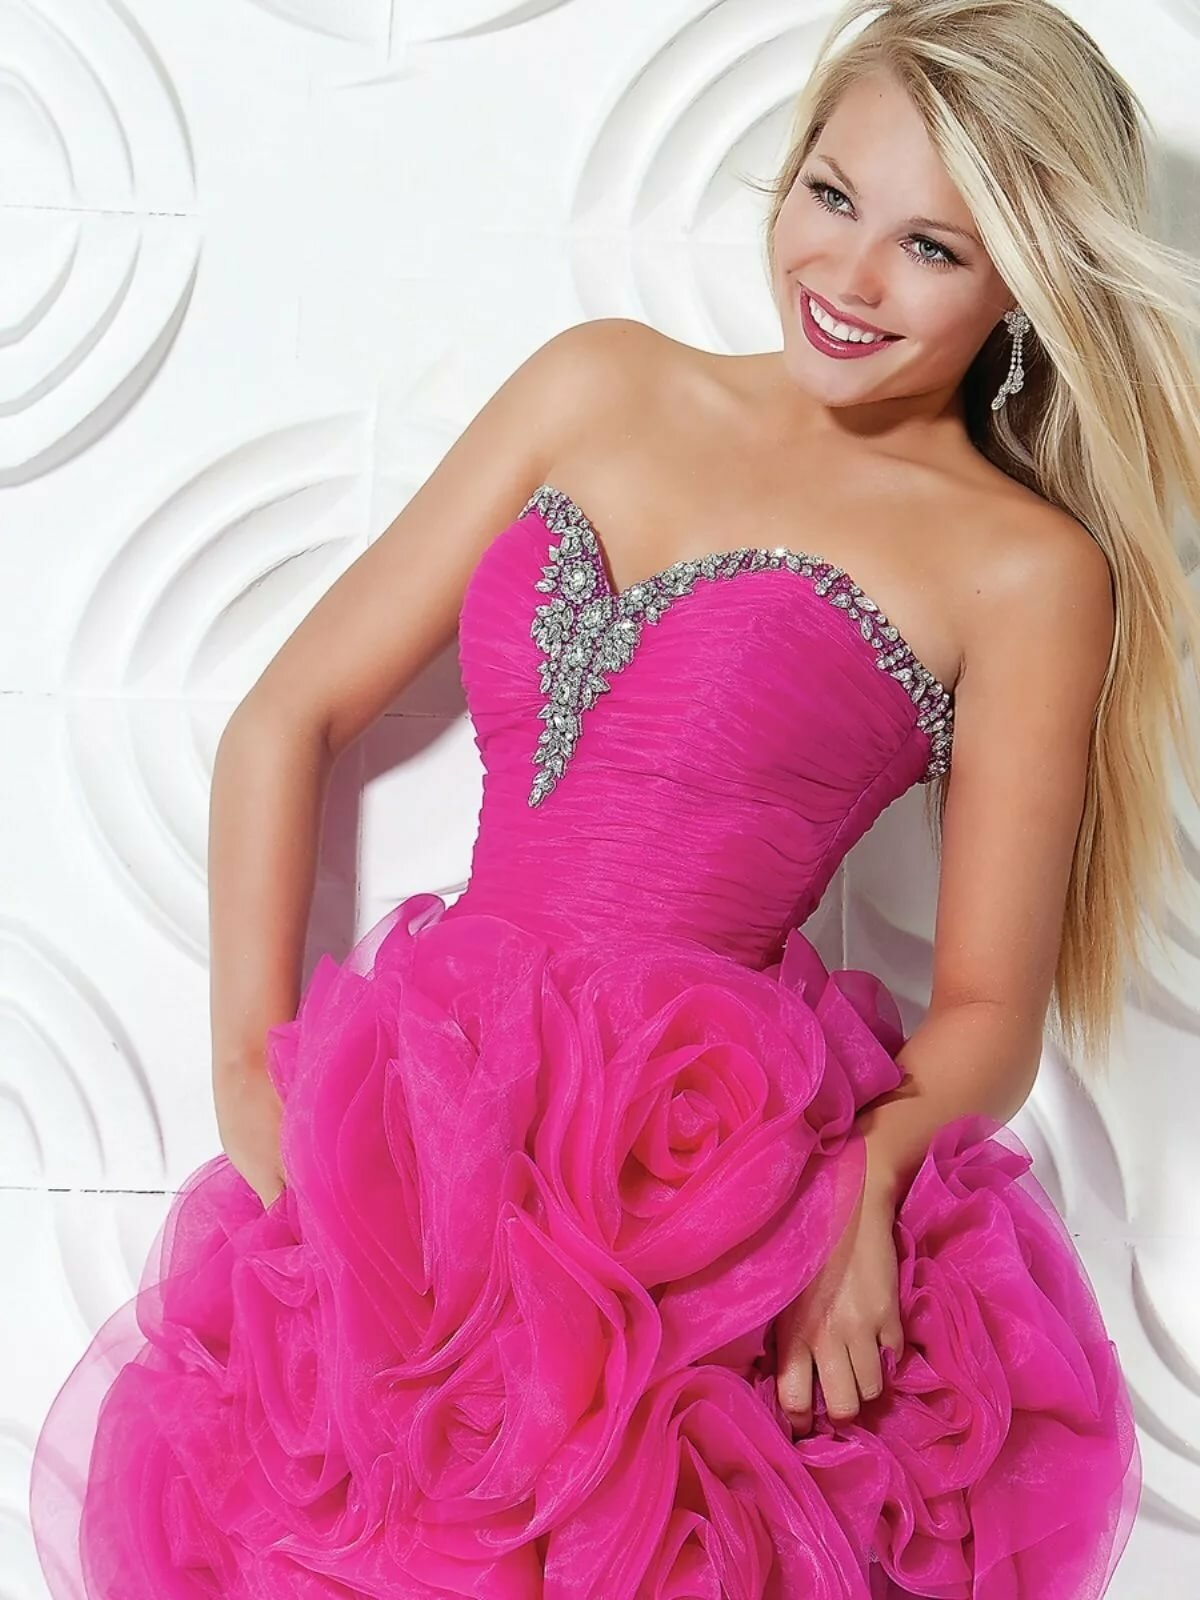 Блондинки в розовых платьях картинки